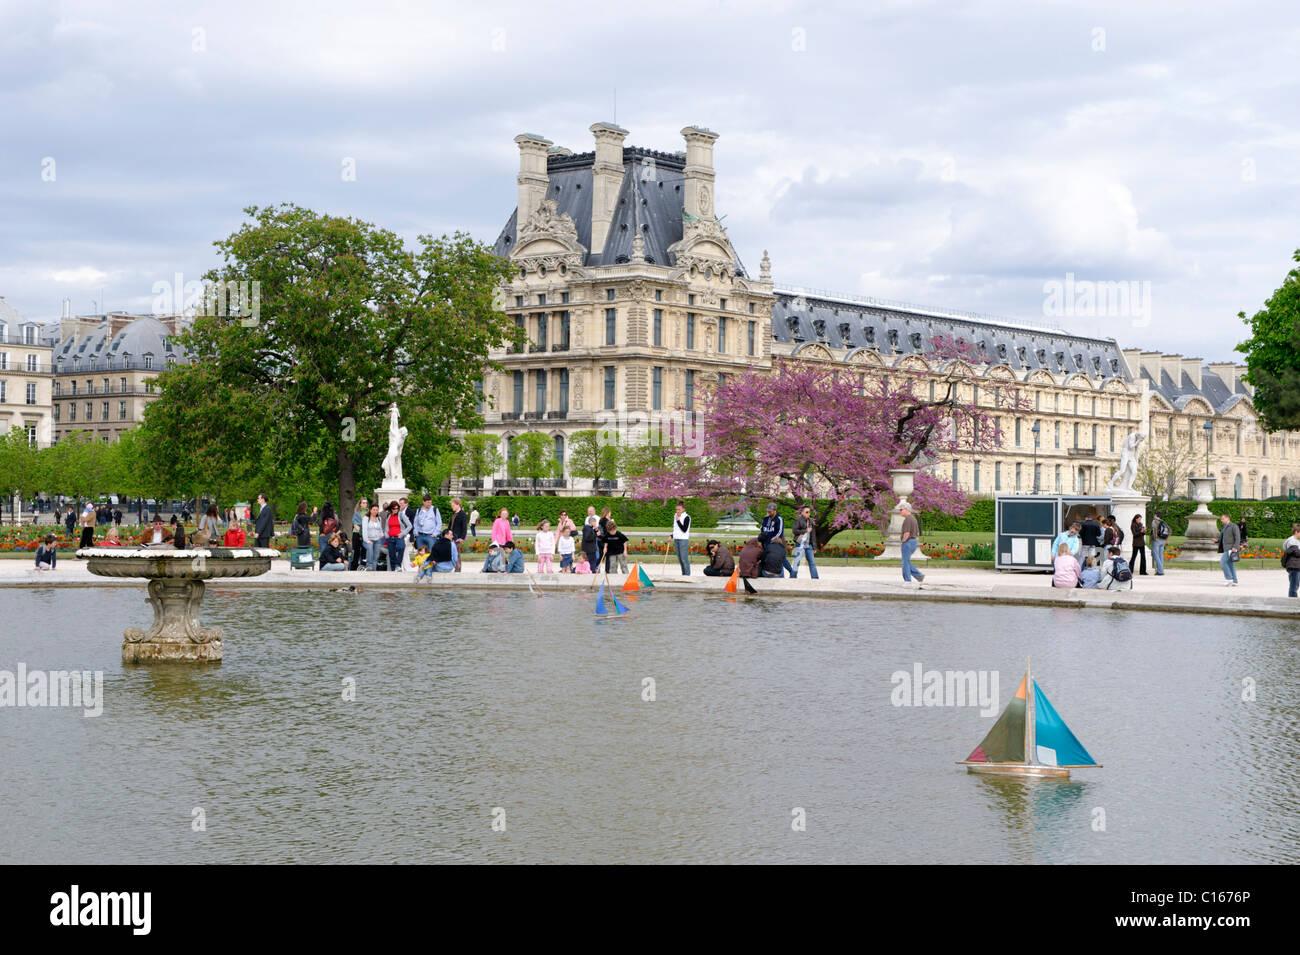 Jardin des Tuileries, Unesco, Paris, Central, France, Europe - Stock Image